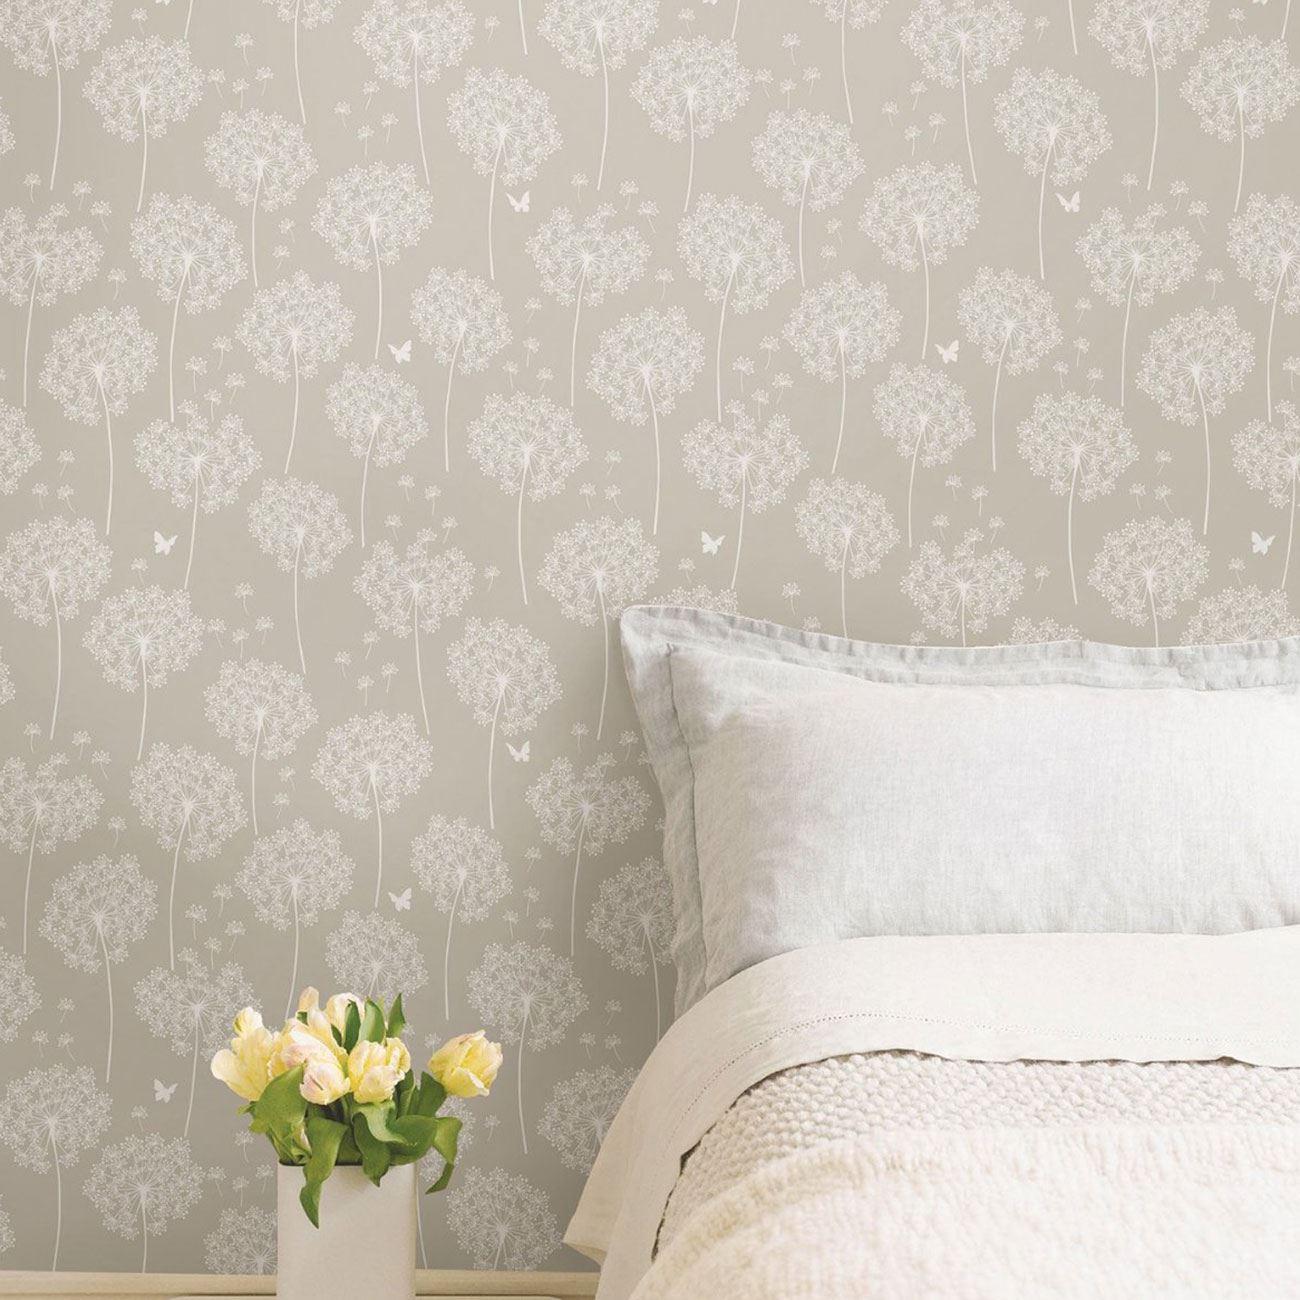 abziehen und aufkleben tapete schlafzimmer wand dekoration verschiedene deigns ebay. Black Bedroom Furniture Sets. Home Design Ideas